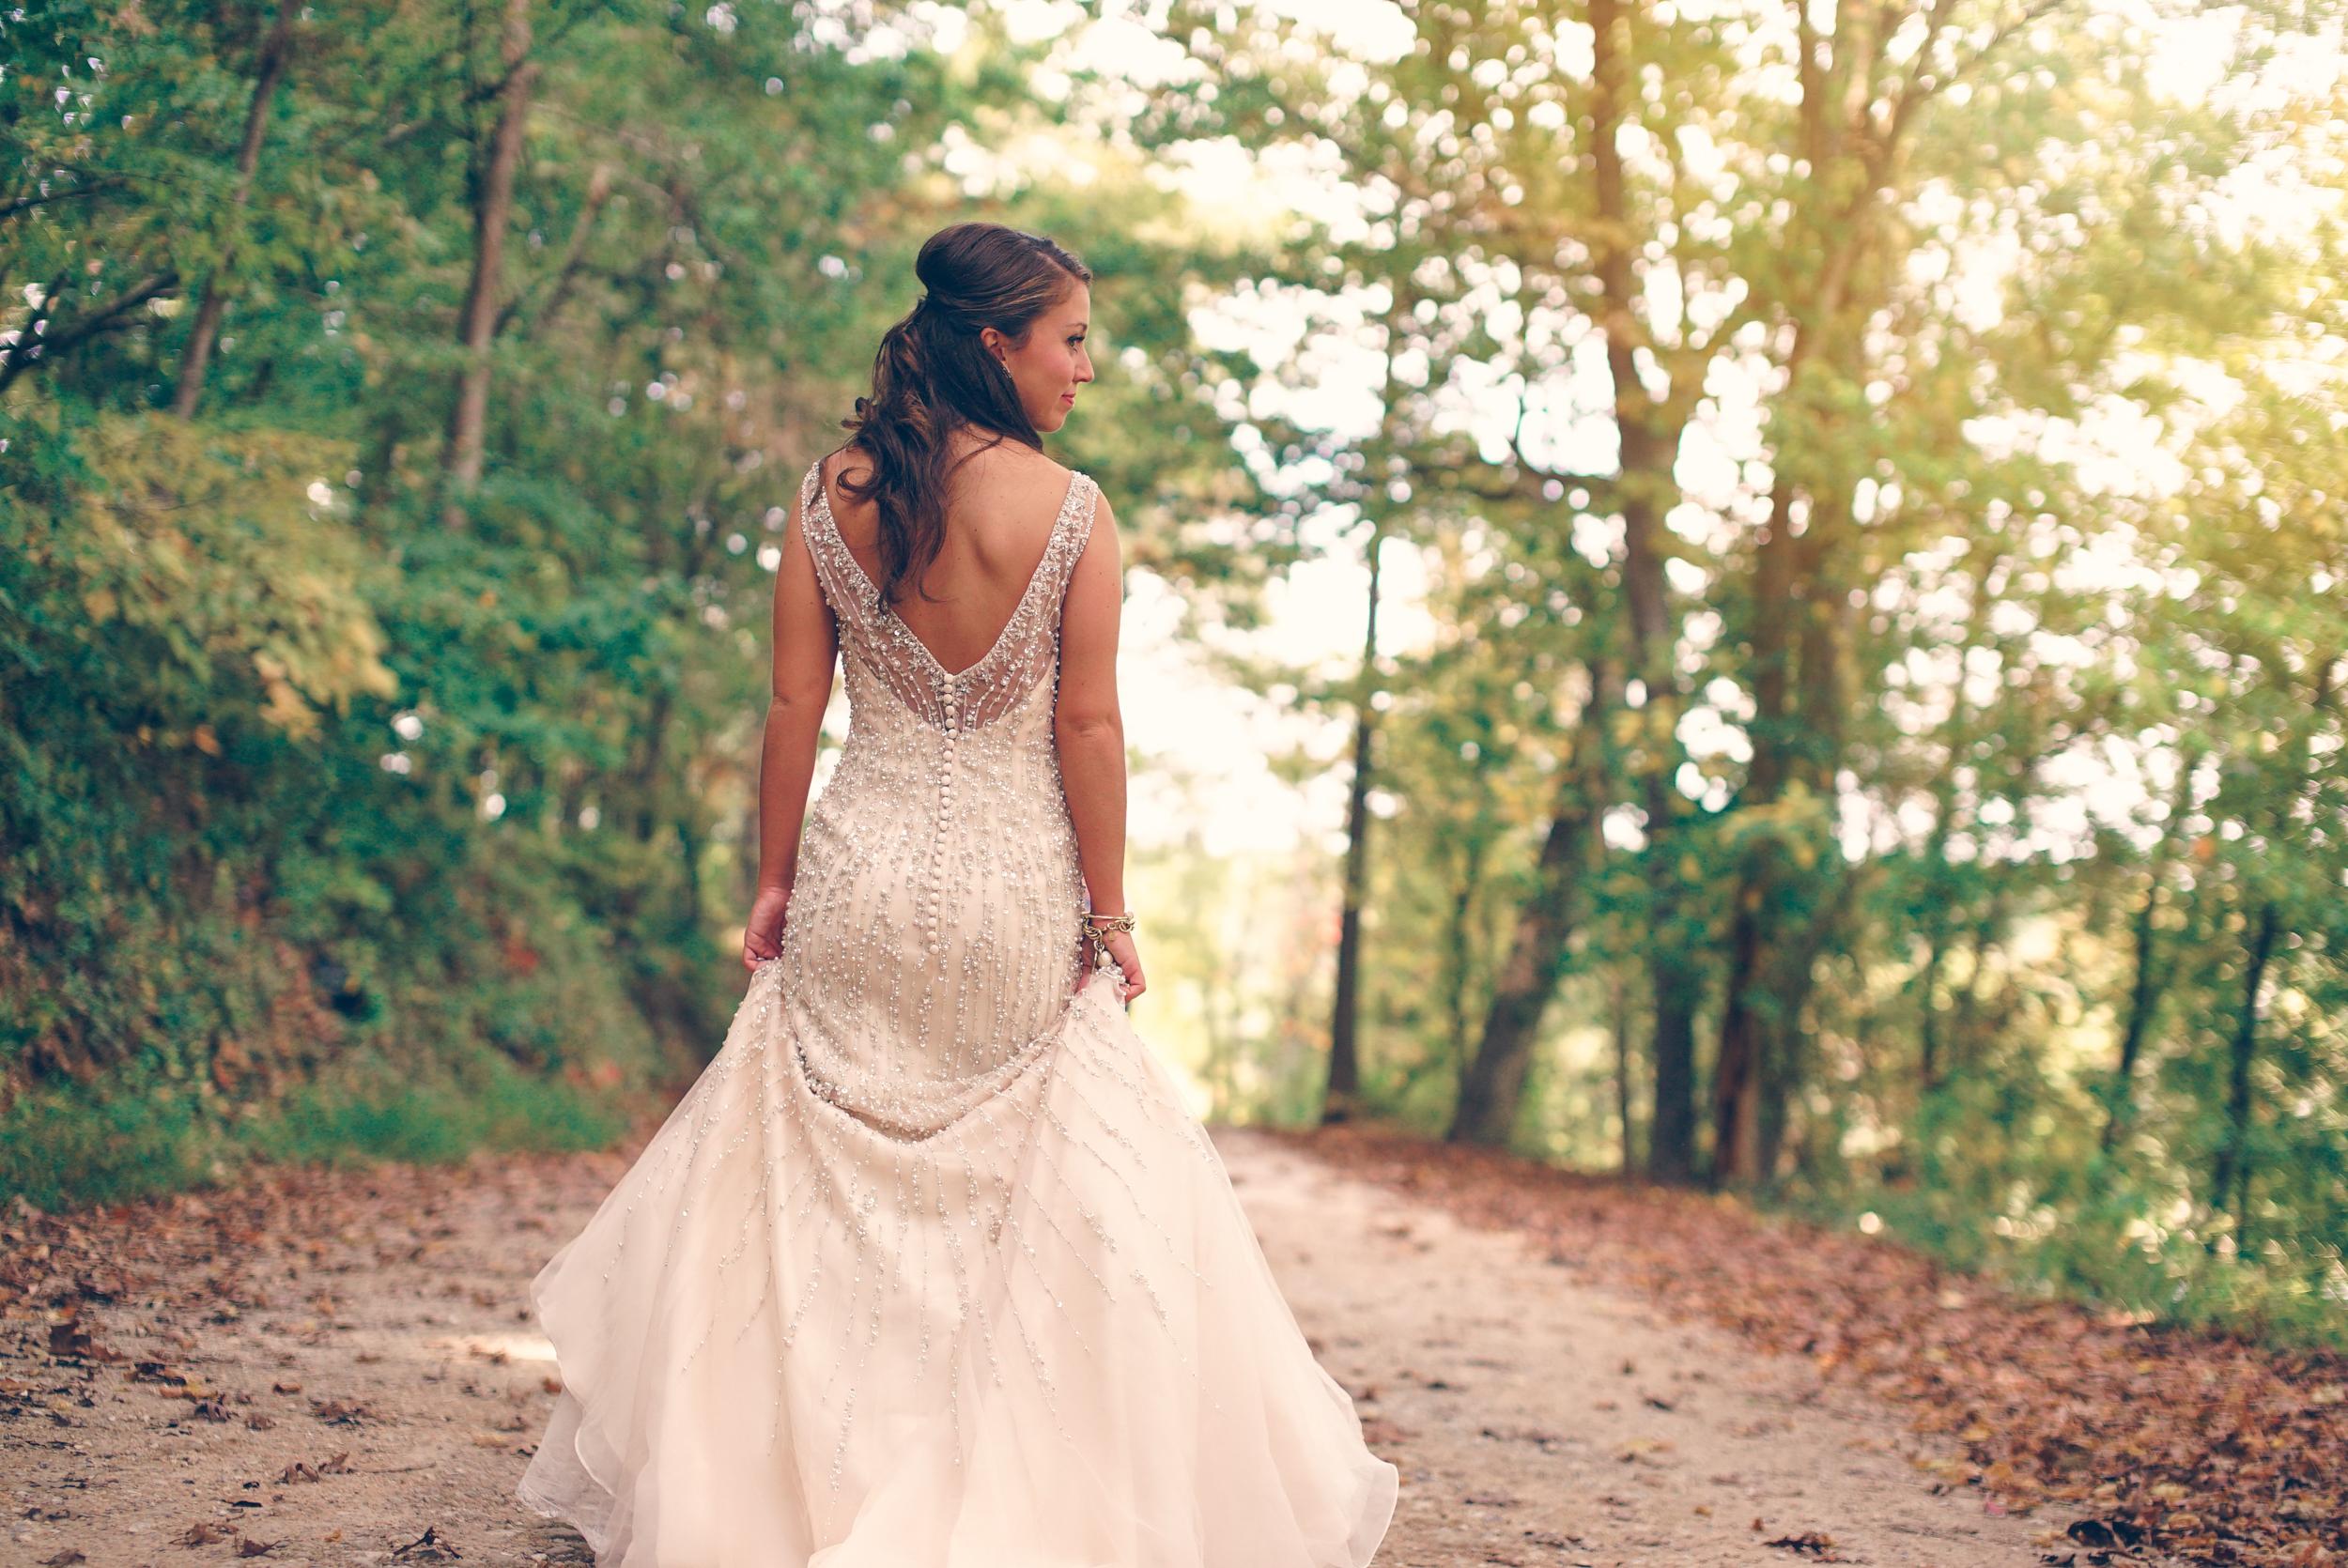 bridals©2015mileswittboyer-47.jpg